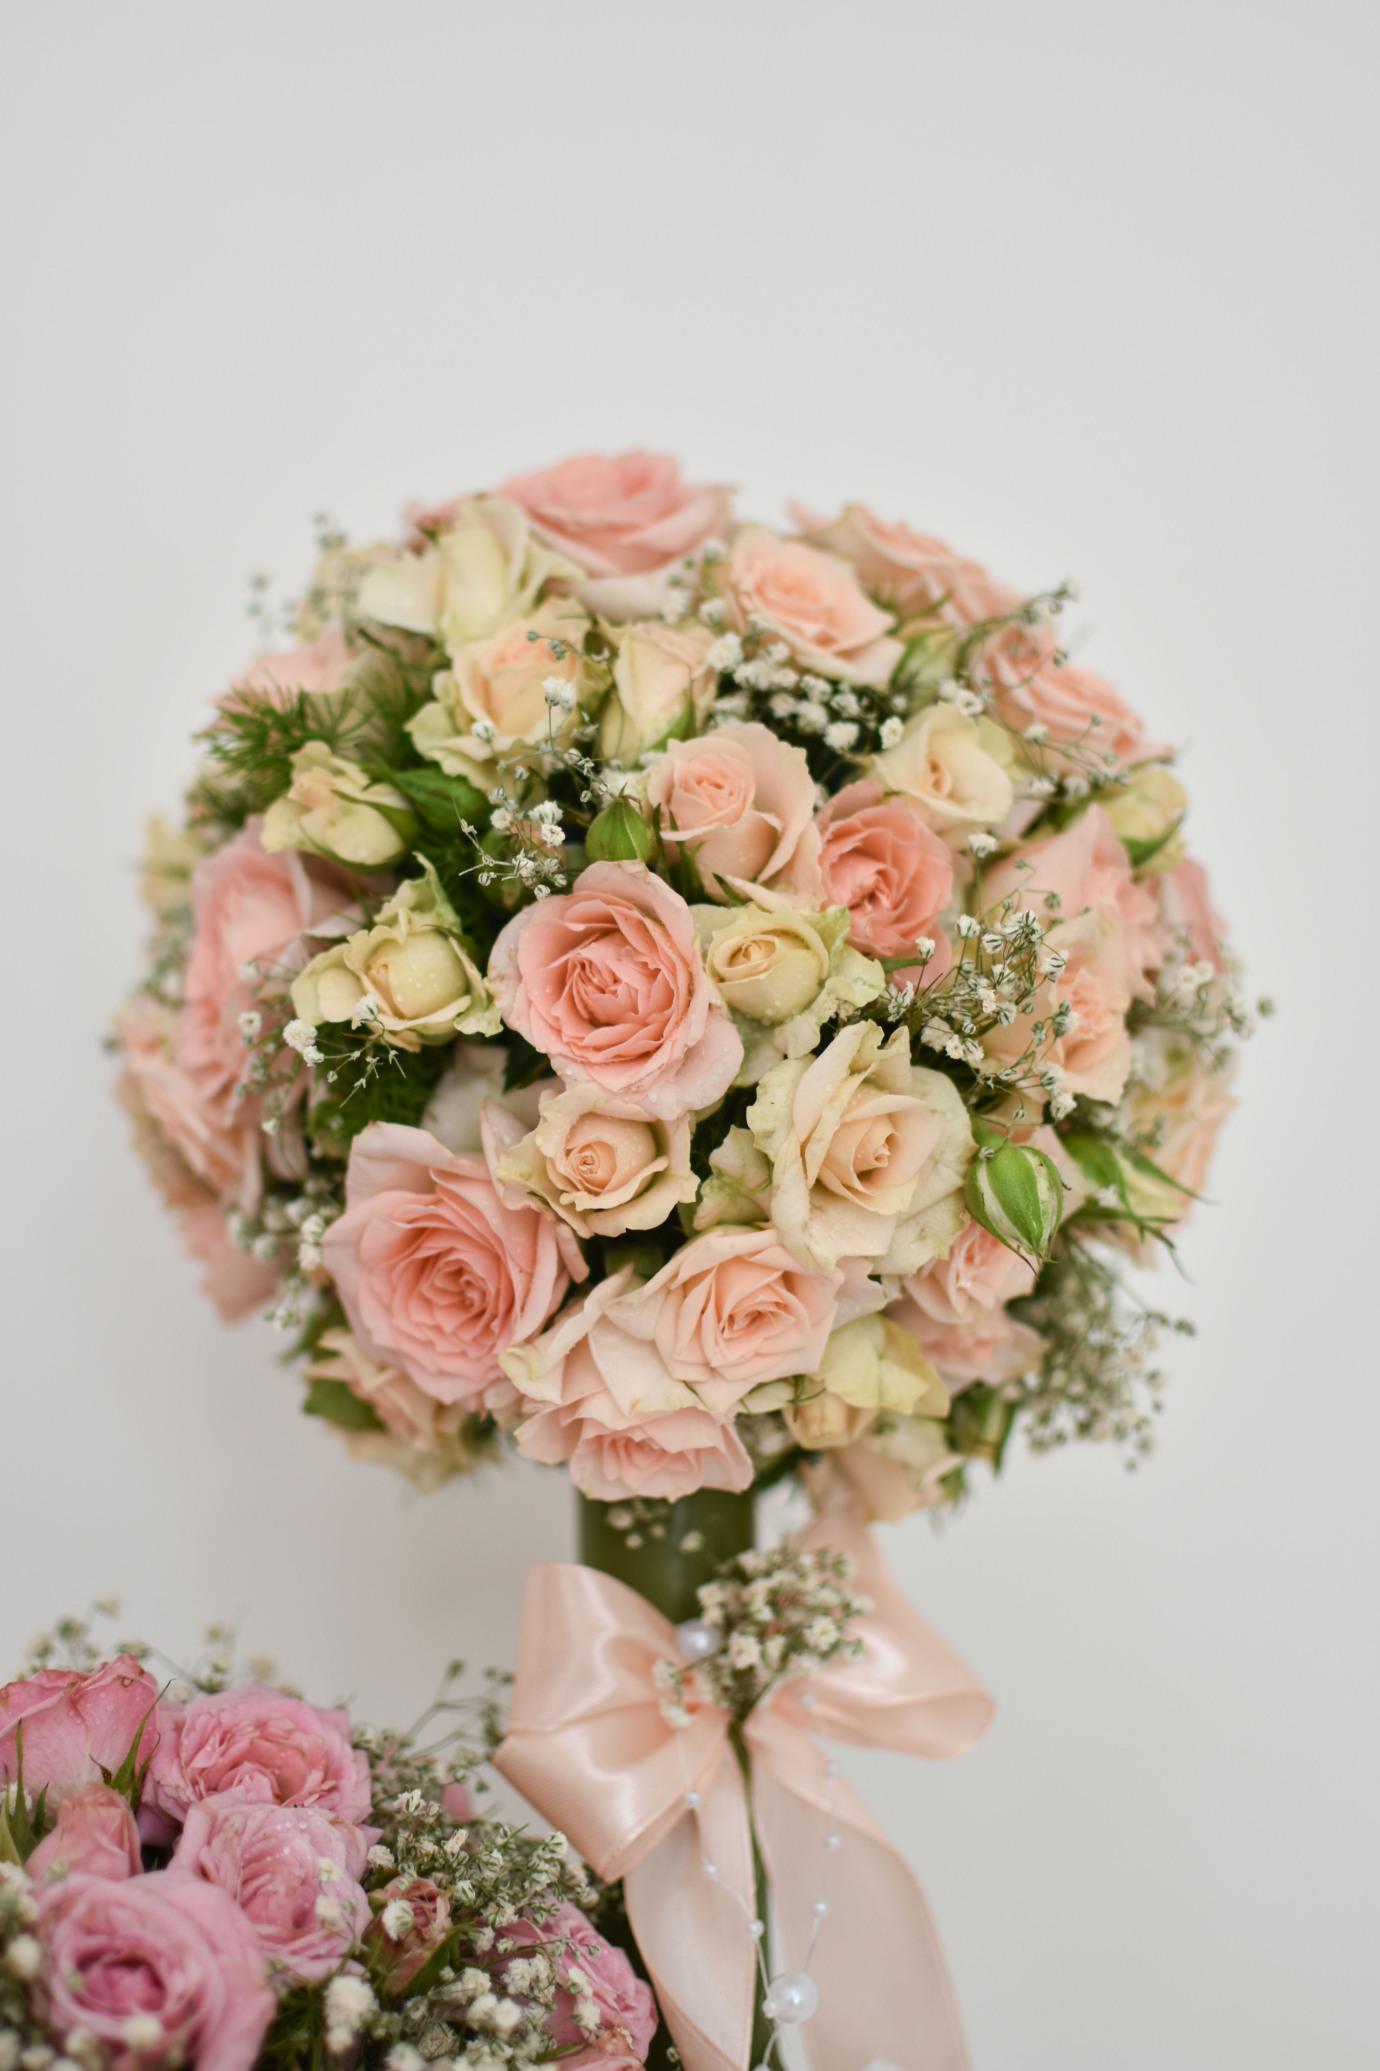 گل ایرانی بله برون تشریفات خواستگاری قیمت گلدان گل گرد گوی گل خرید بله برون خلعتی